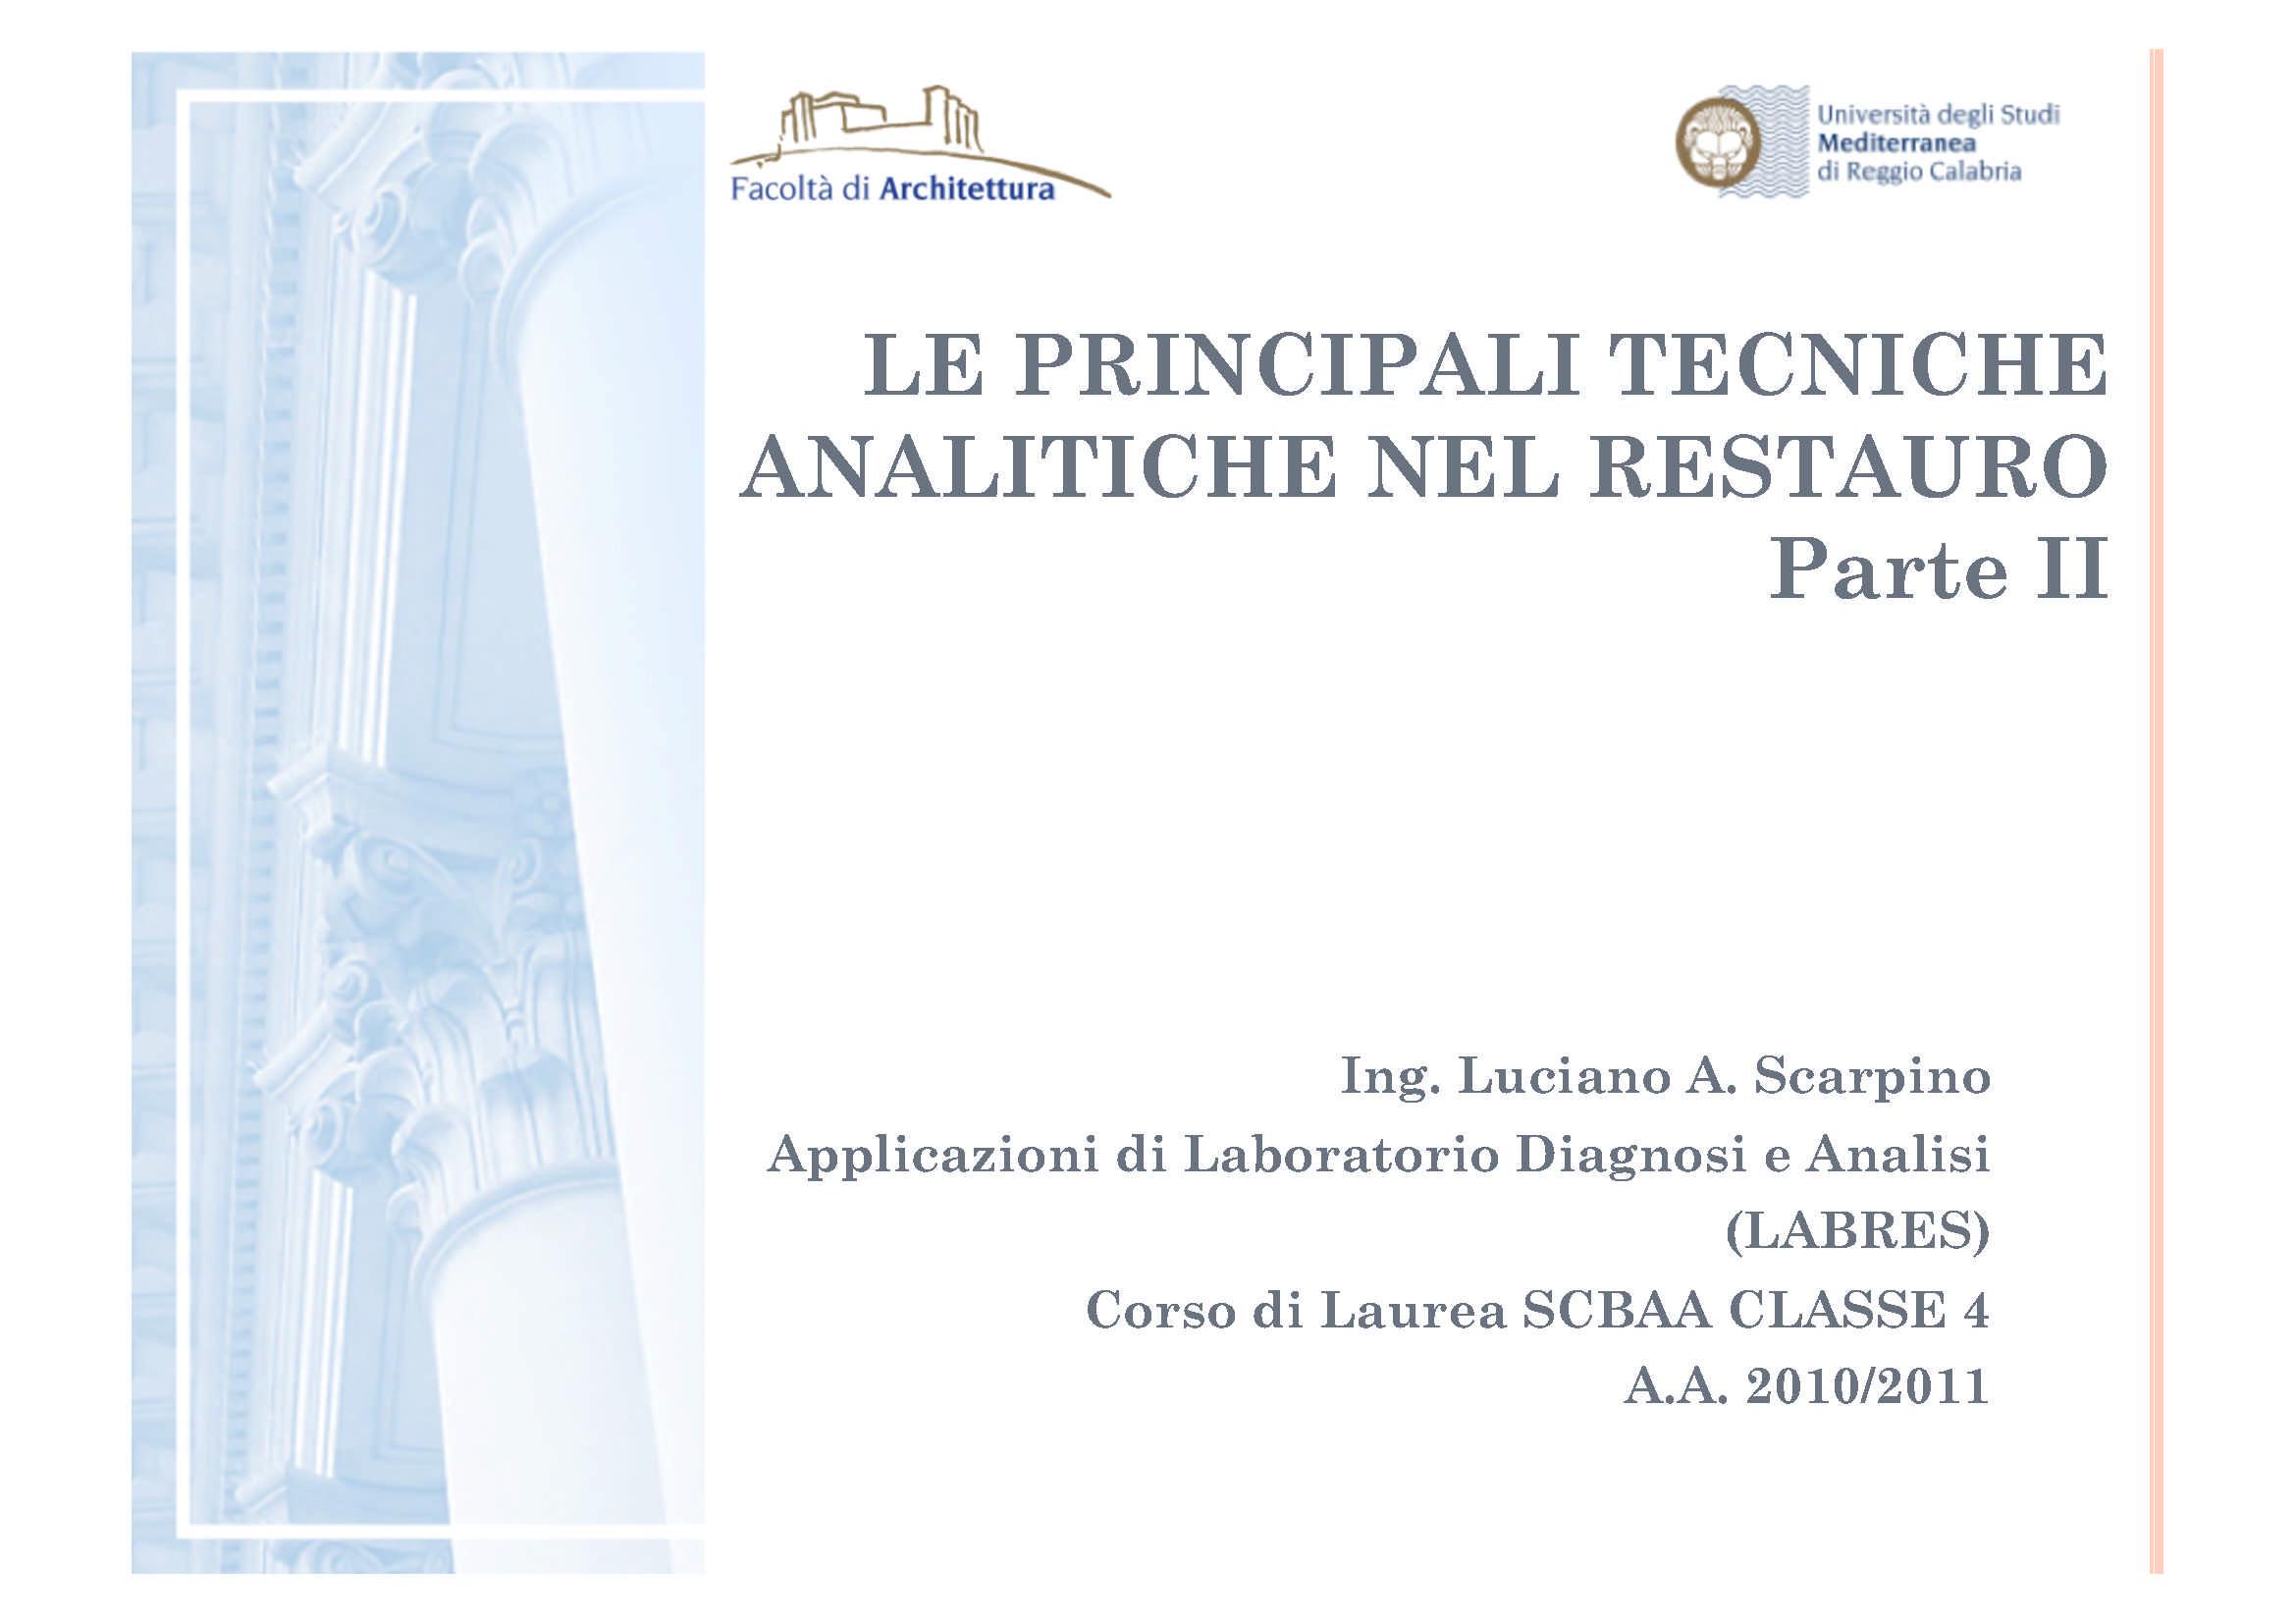 Tecniche analitche nel restauro  - Tecniche paradistruttive